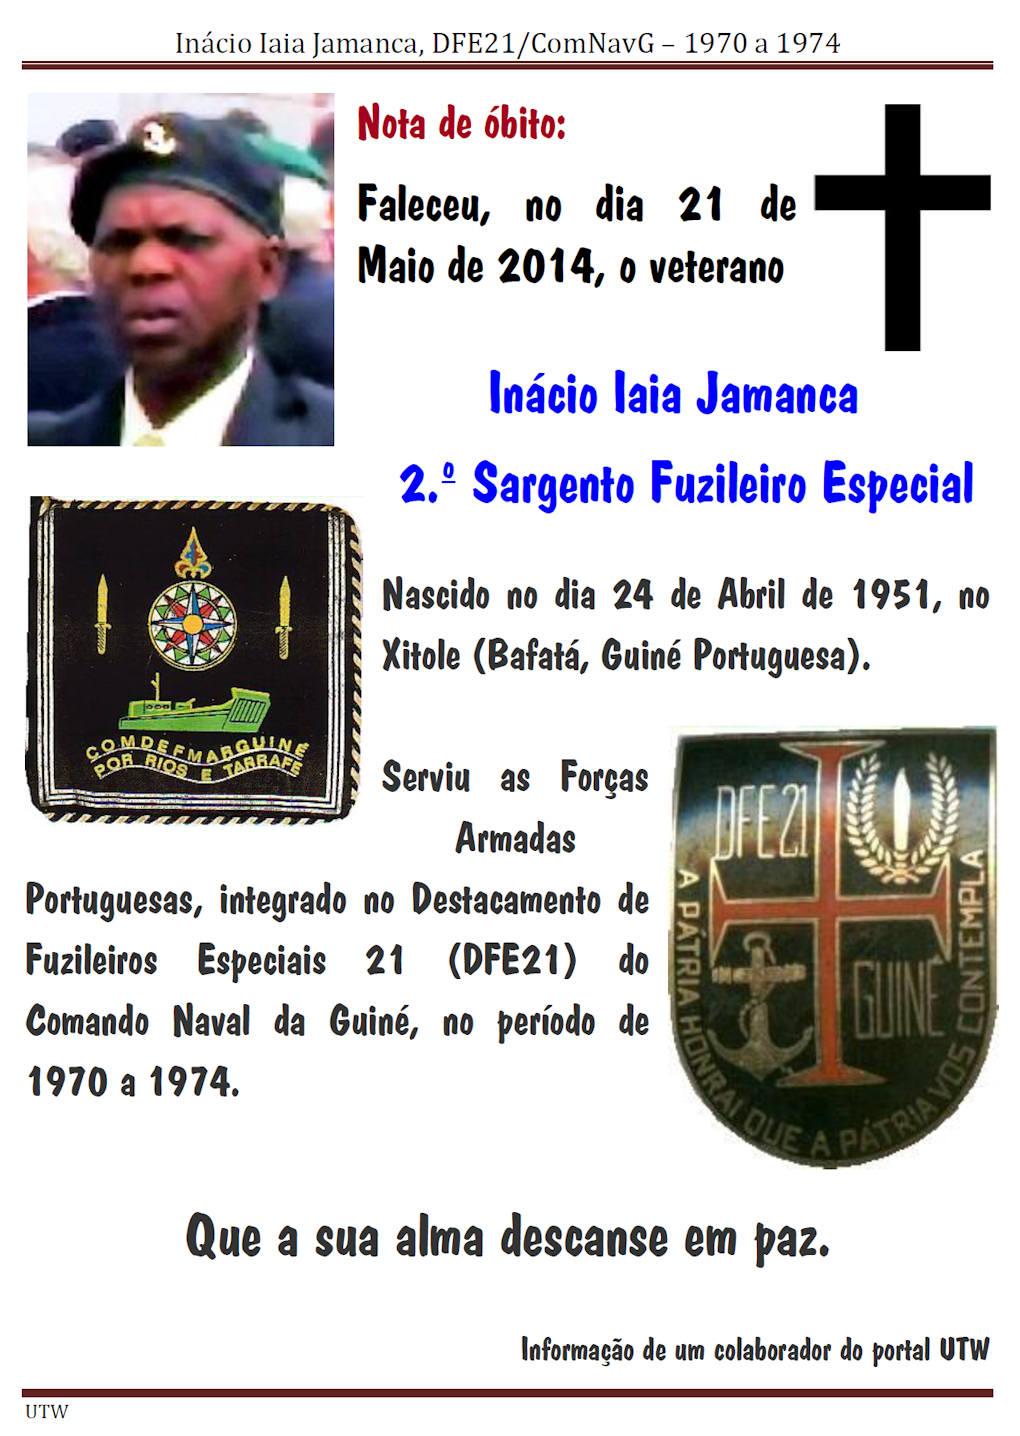 Faleceu o veterano Inácio Iaia Jamanca, 2.ºSargento Fuzileiro Especial, do DFE21/ComNavG - 21Mai2014 Inacio11